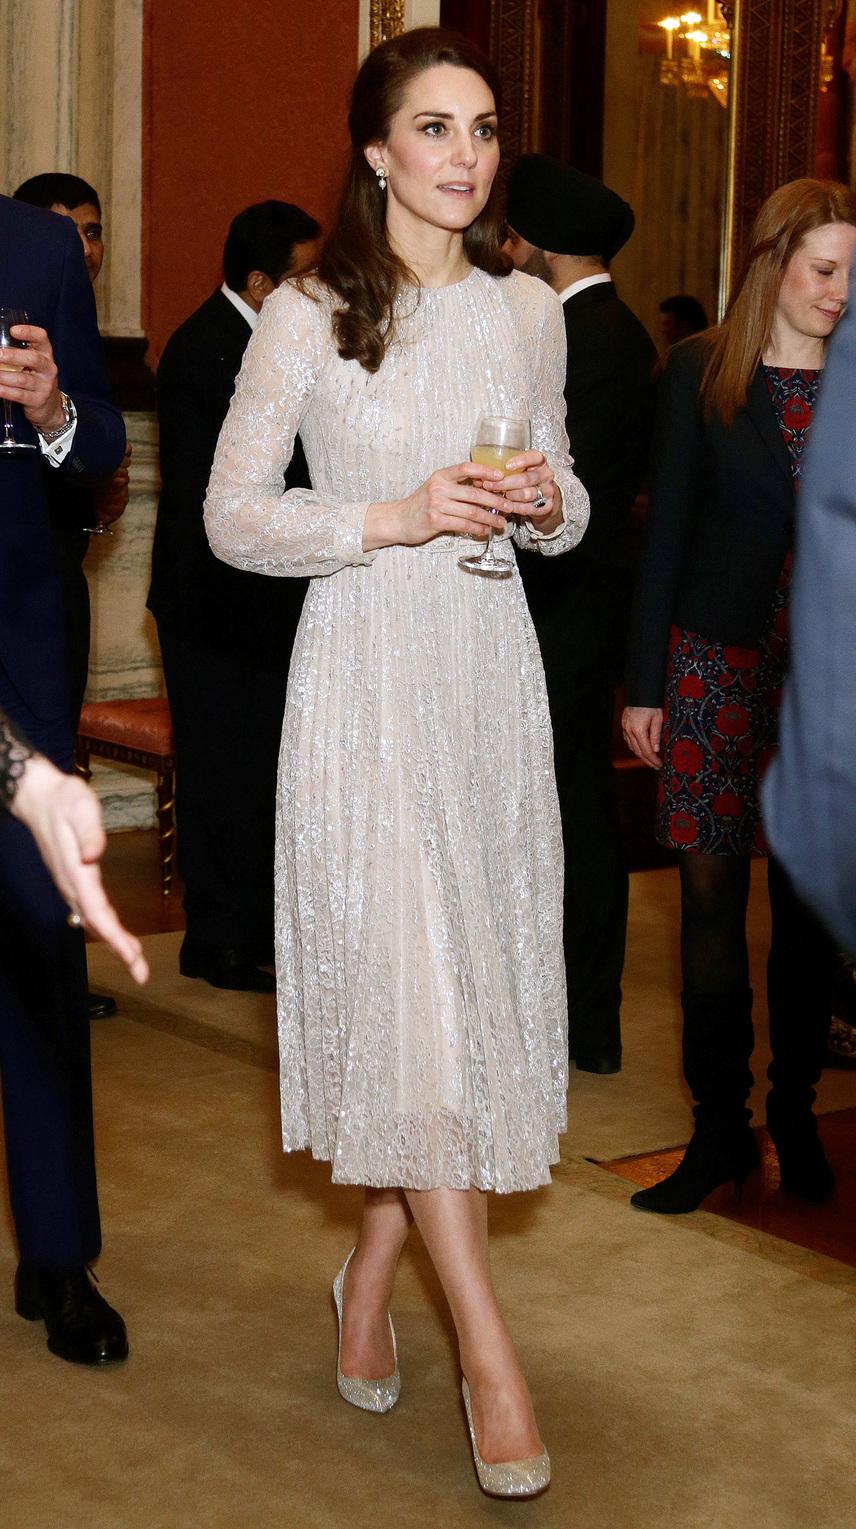 Mintha egy tündért vagy mesebeli hercegnőt látnánk - Katalin csillogó ruhájában szinte beragyogta az egész báltermet.